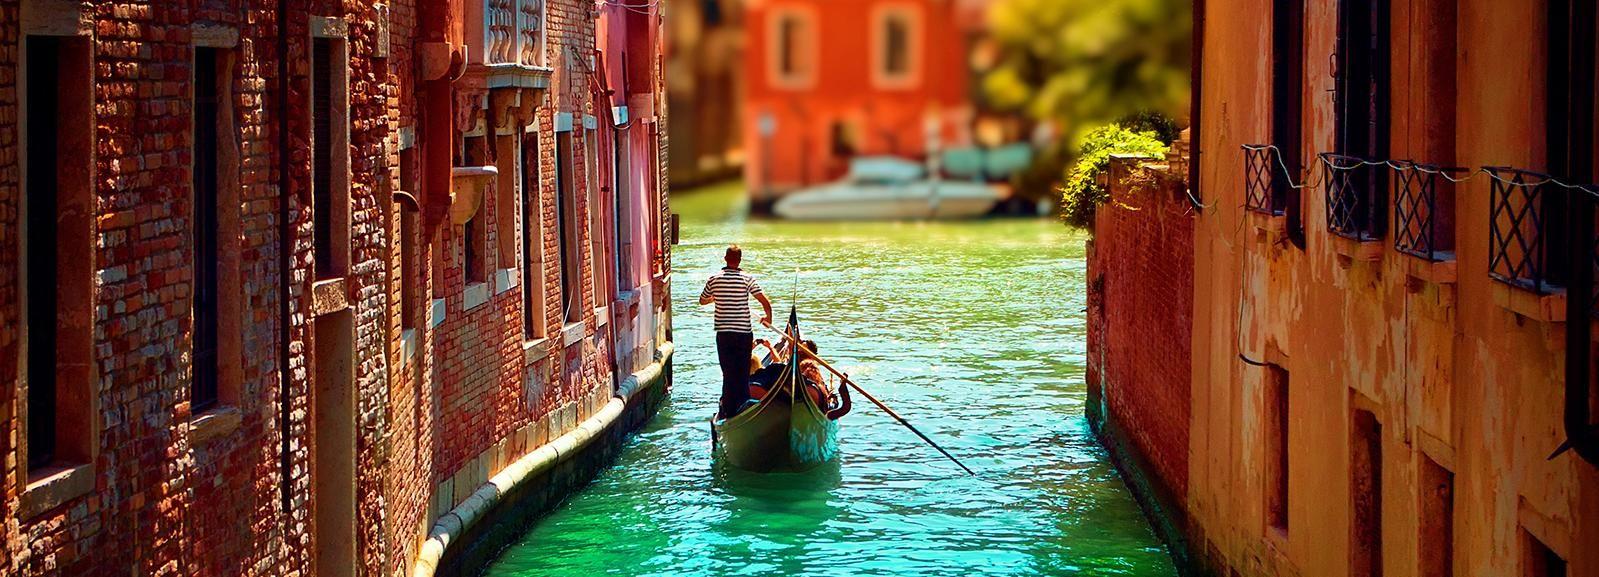 Venezia: tour privato in gondola per massimo 6 persone